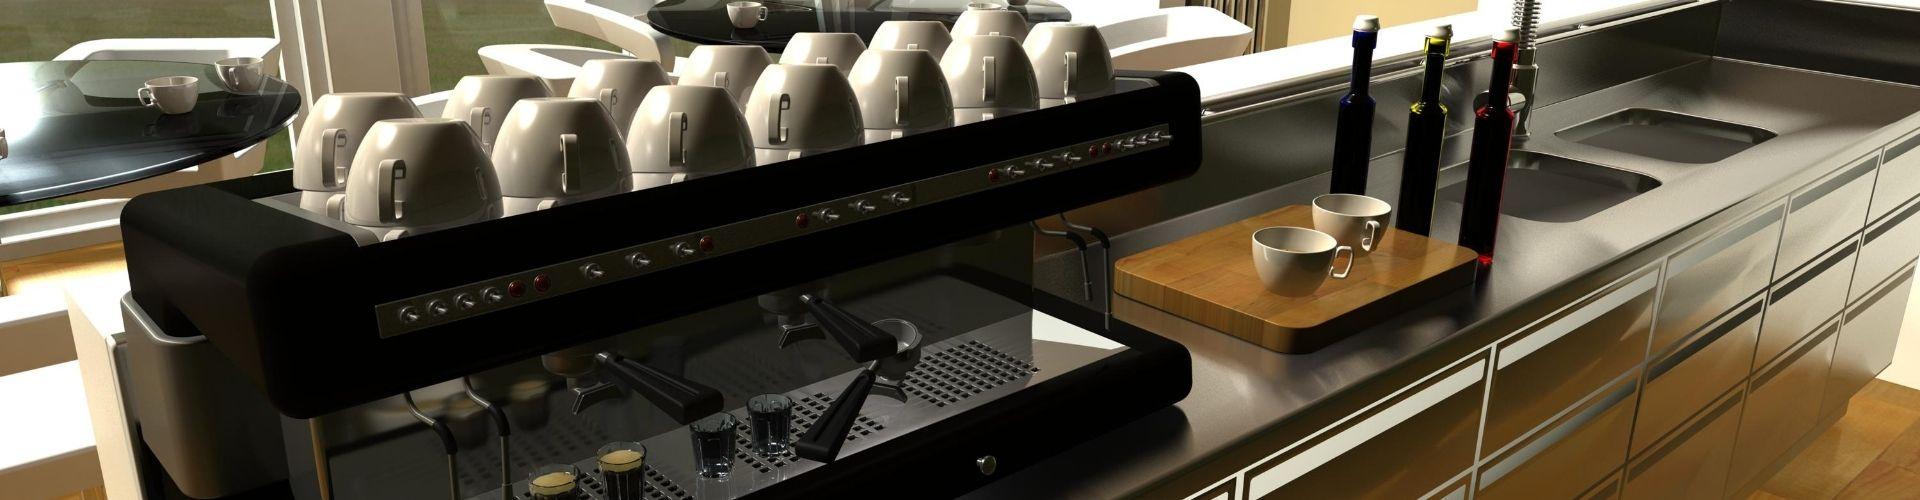 built in espresso machine header image